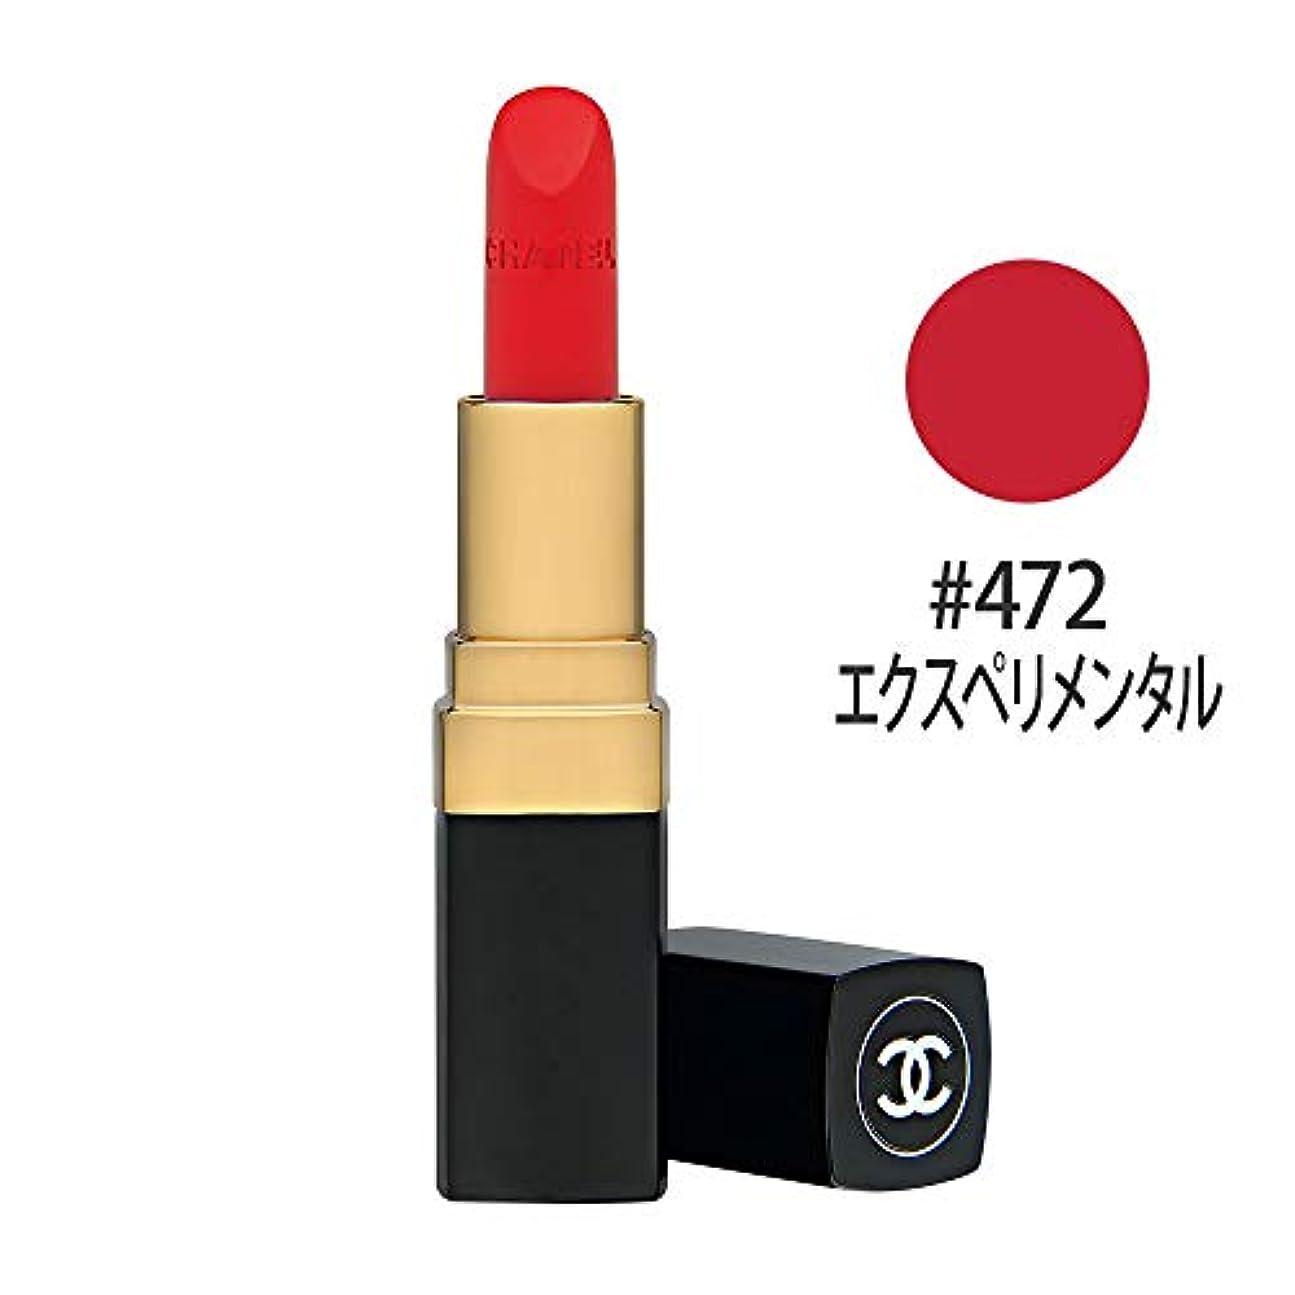 患者上院議員汚物【シャネル】ルージュ ココ #472 エクスペリメンタル 3.5g [並行輸入品]